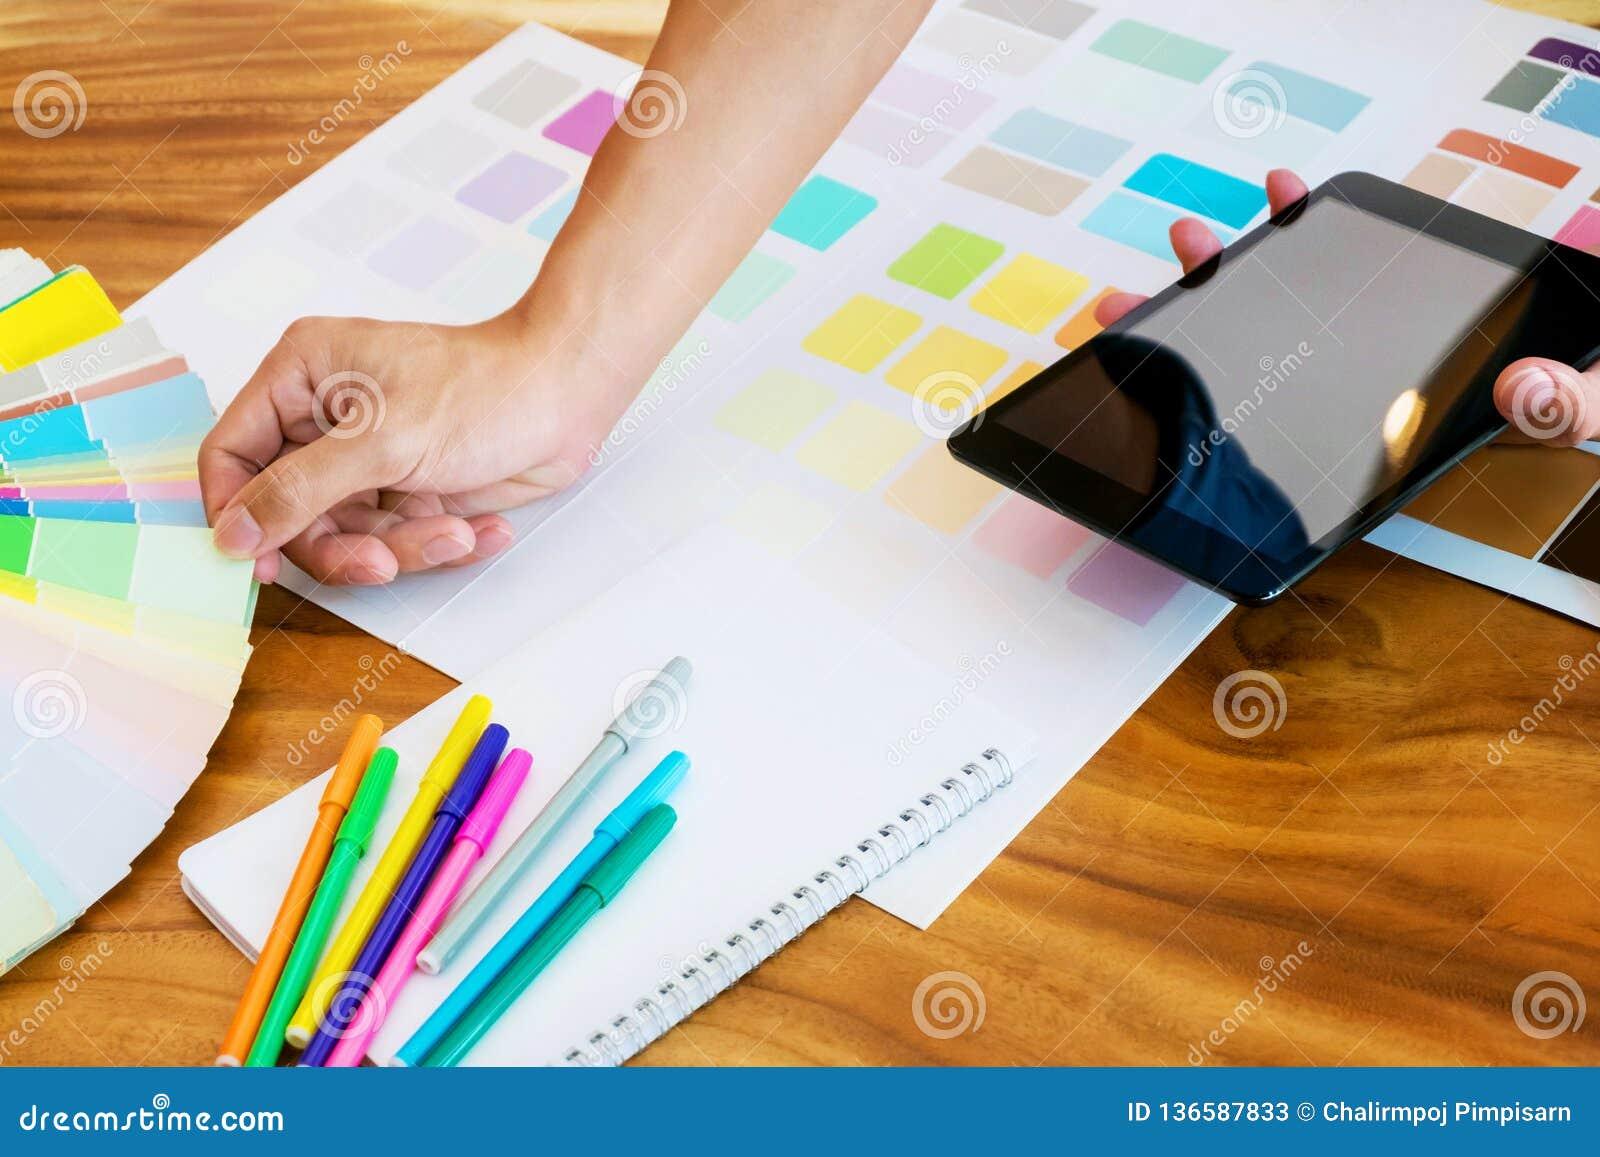 Kreative Geschäftsfrau unter Verwendung der Tablette und Arbeiten an Farbtafeln auf Schreibtisch in einem modernen Büro